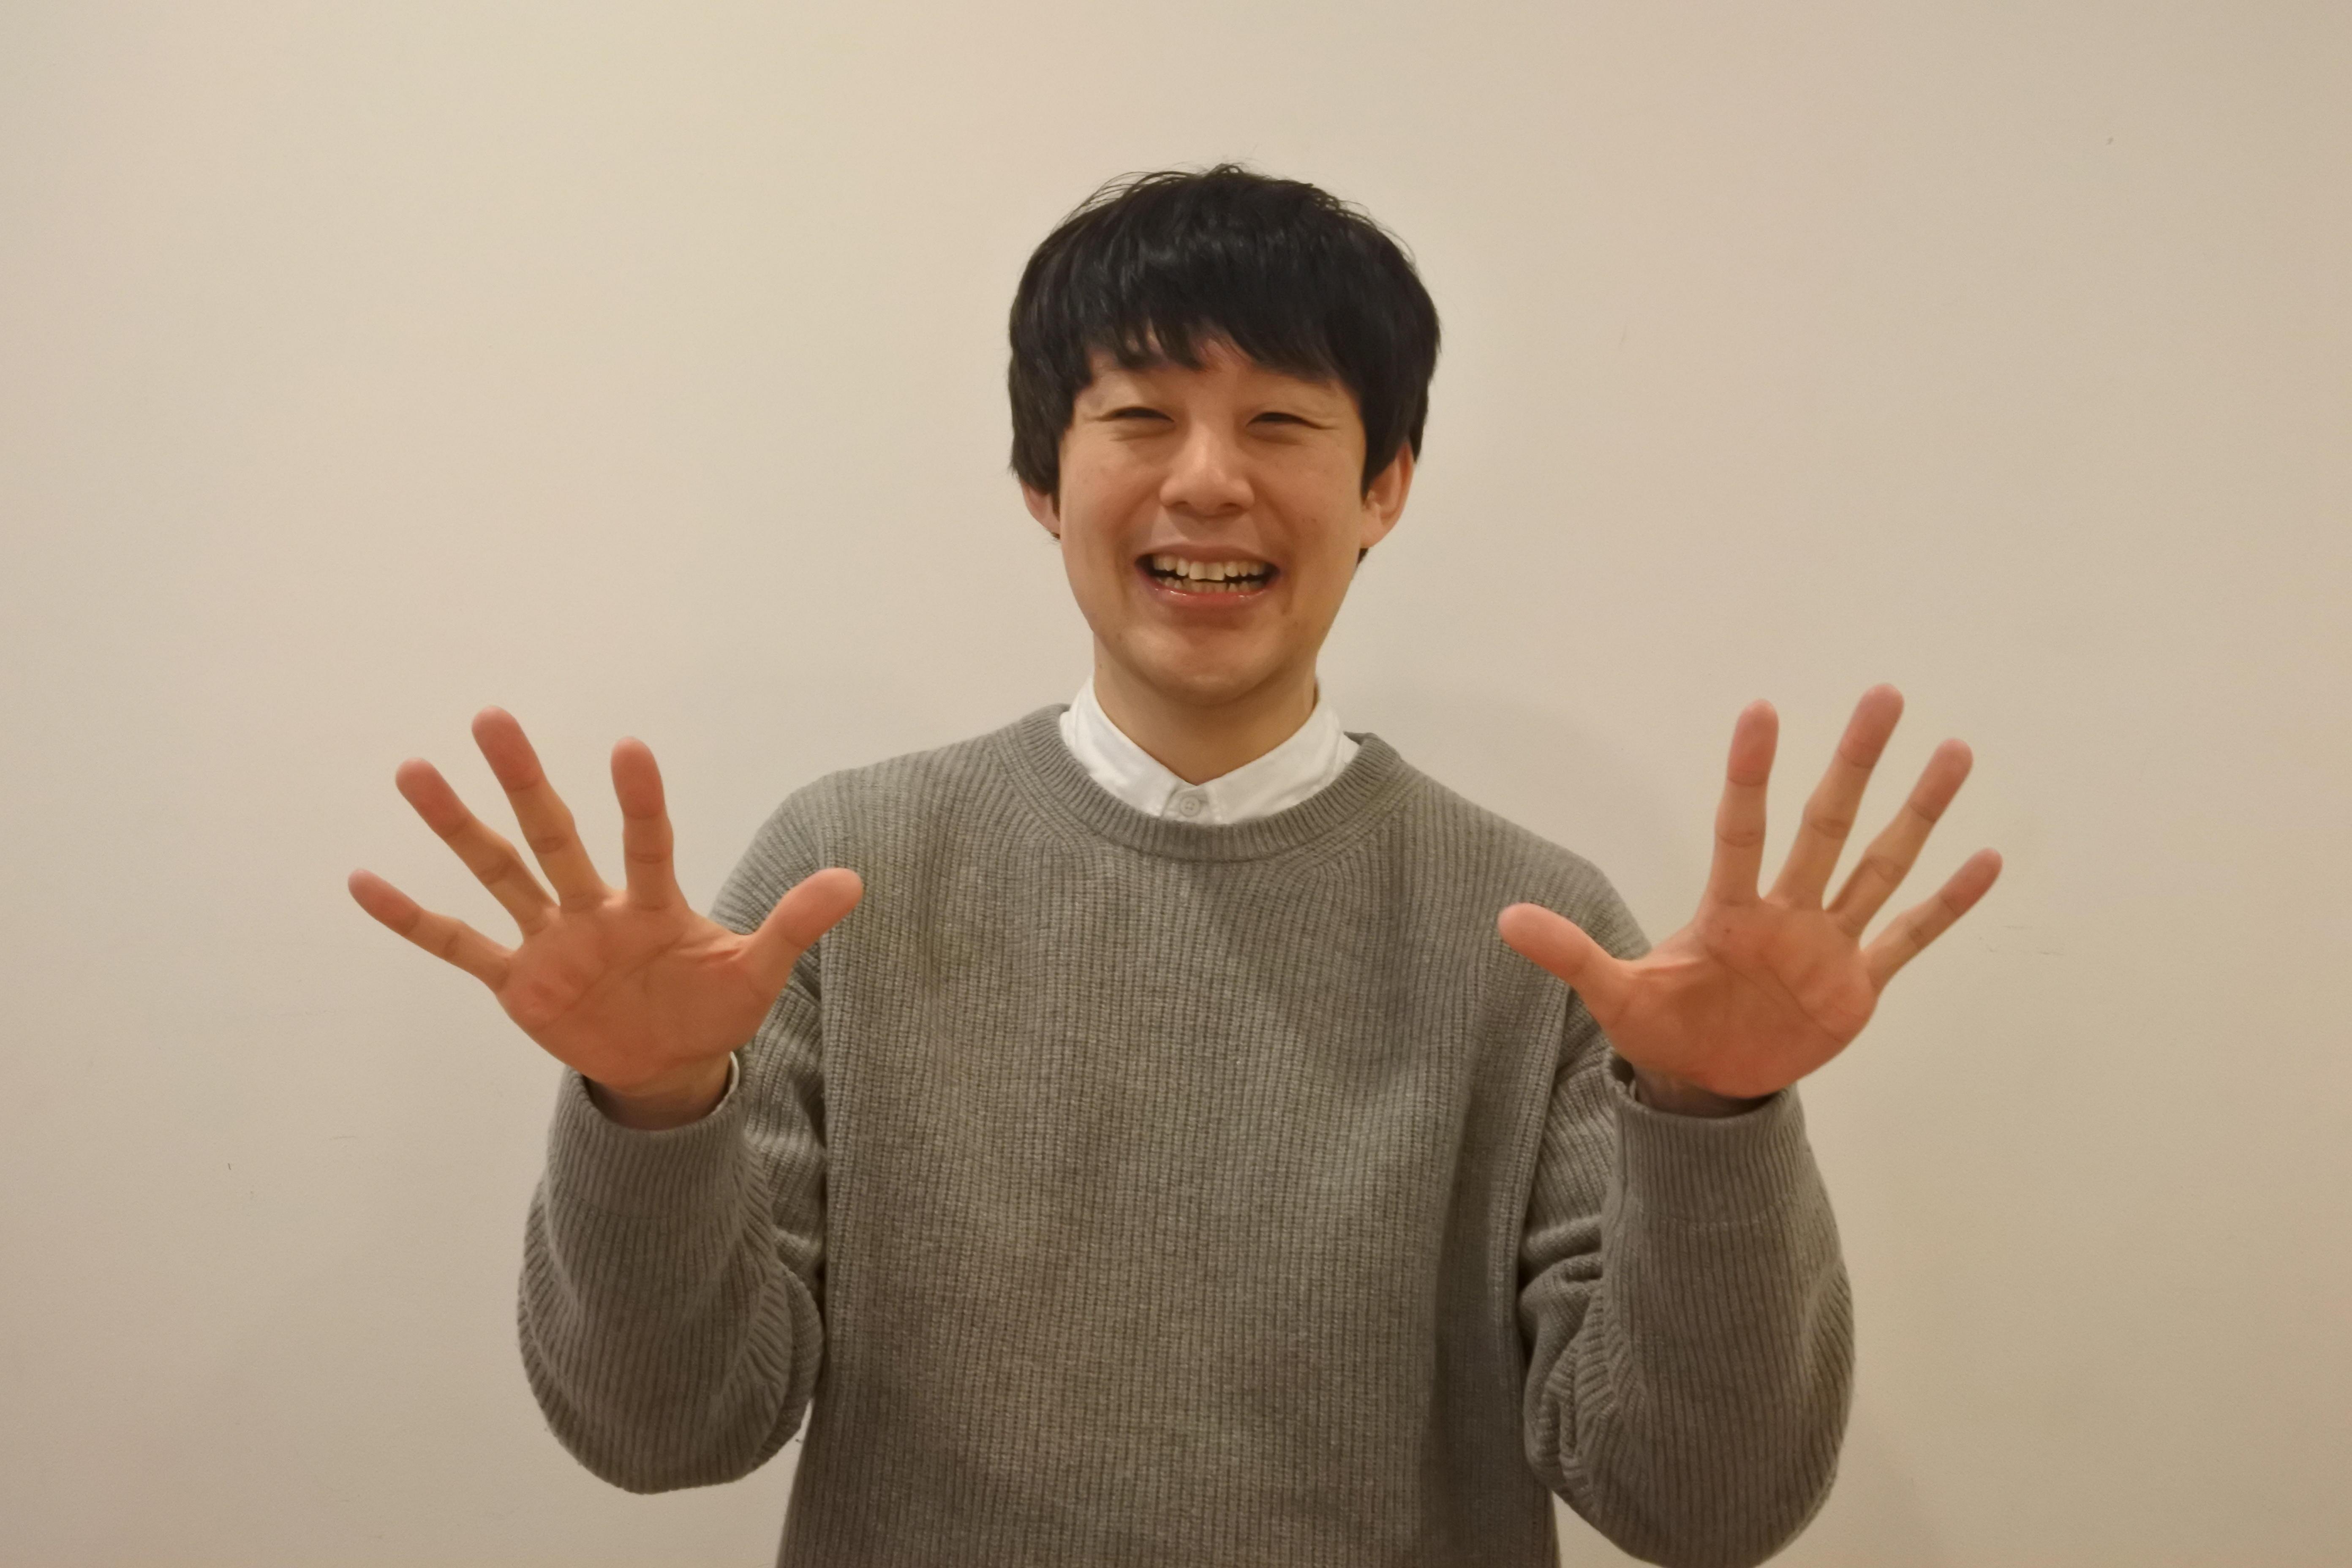 http://news.yoshimoto.co.jp/20180124162008-f238e7e9e611c4d58f7eba60ad1e63b1fe435056.jpg